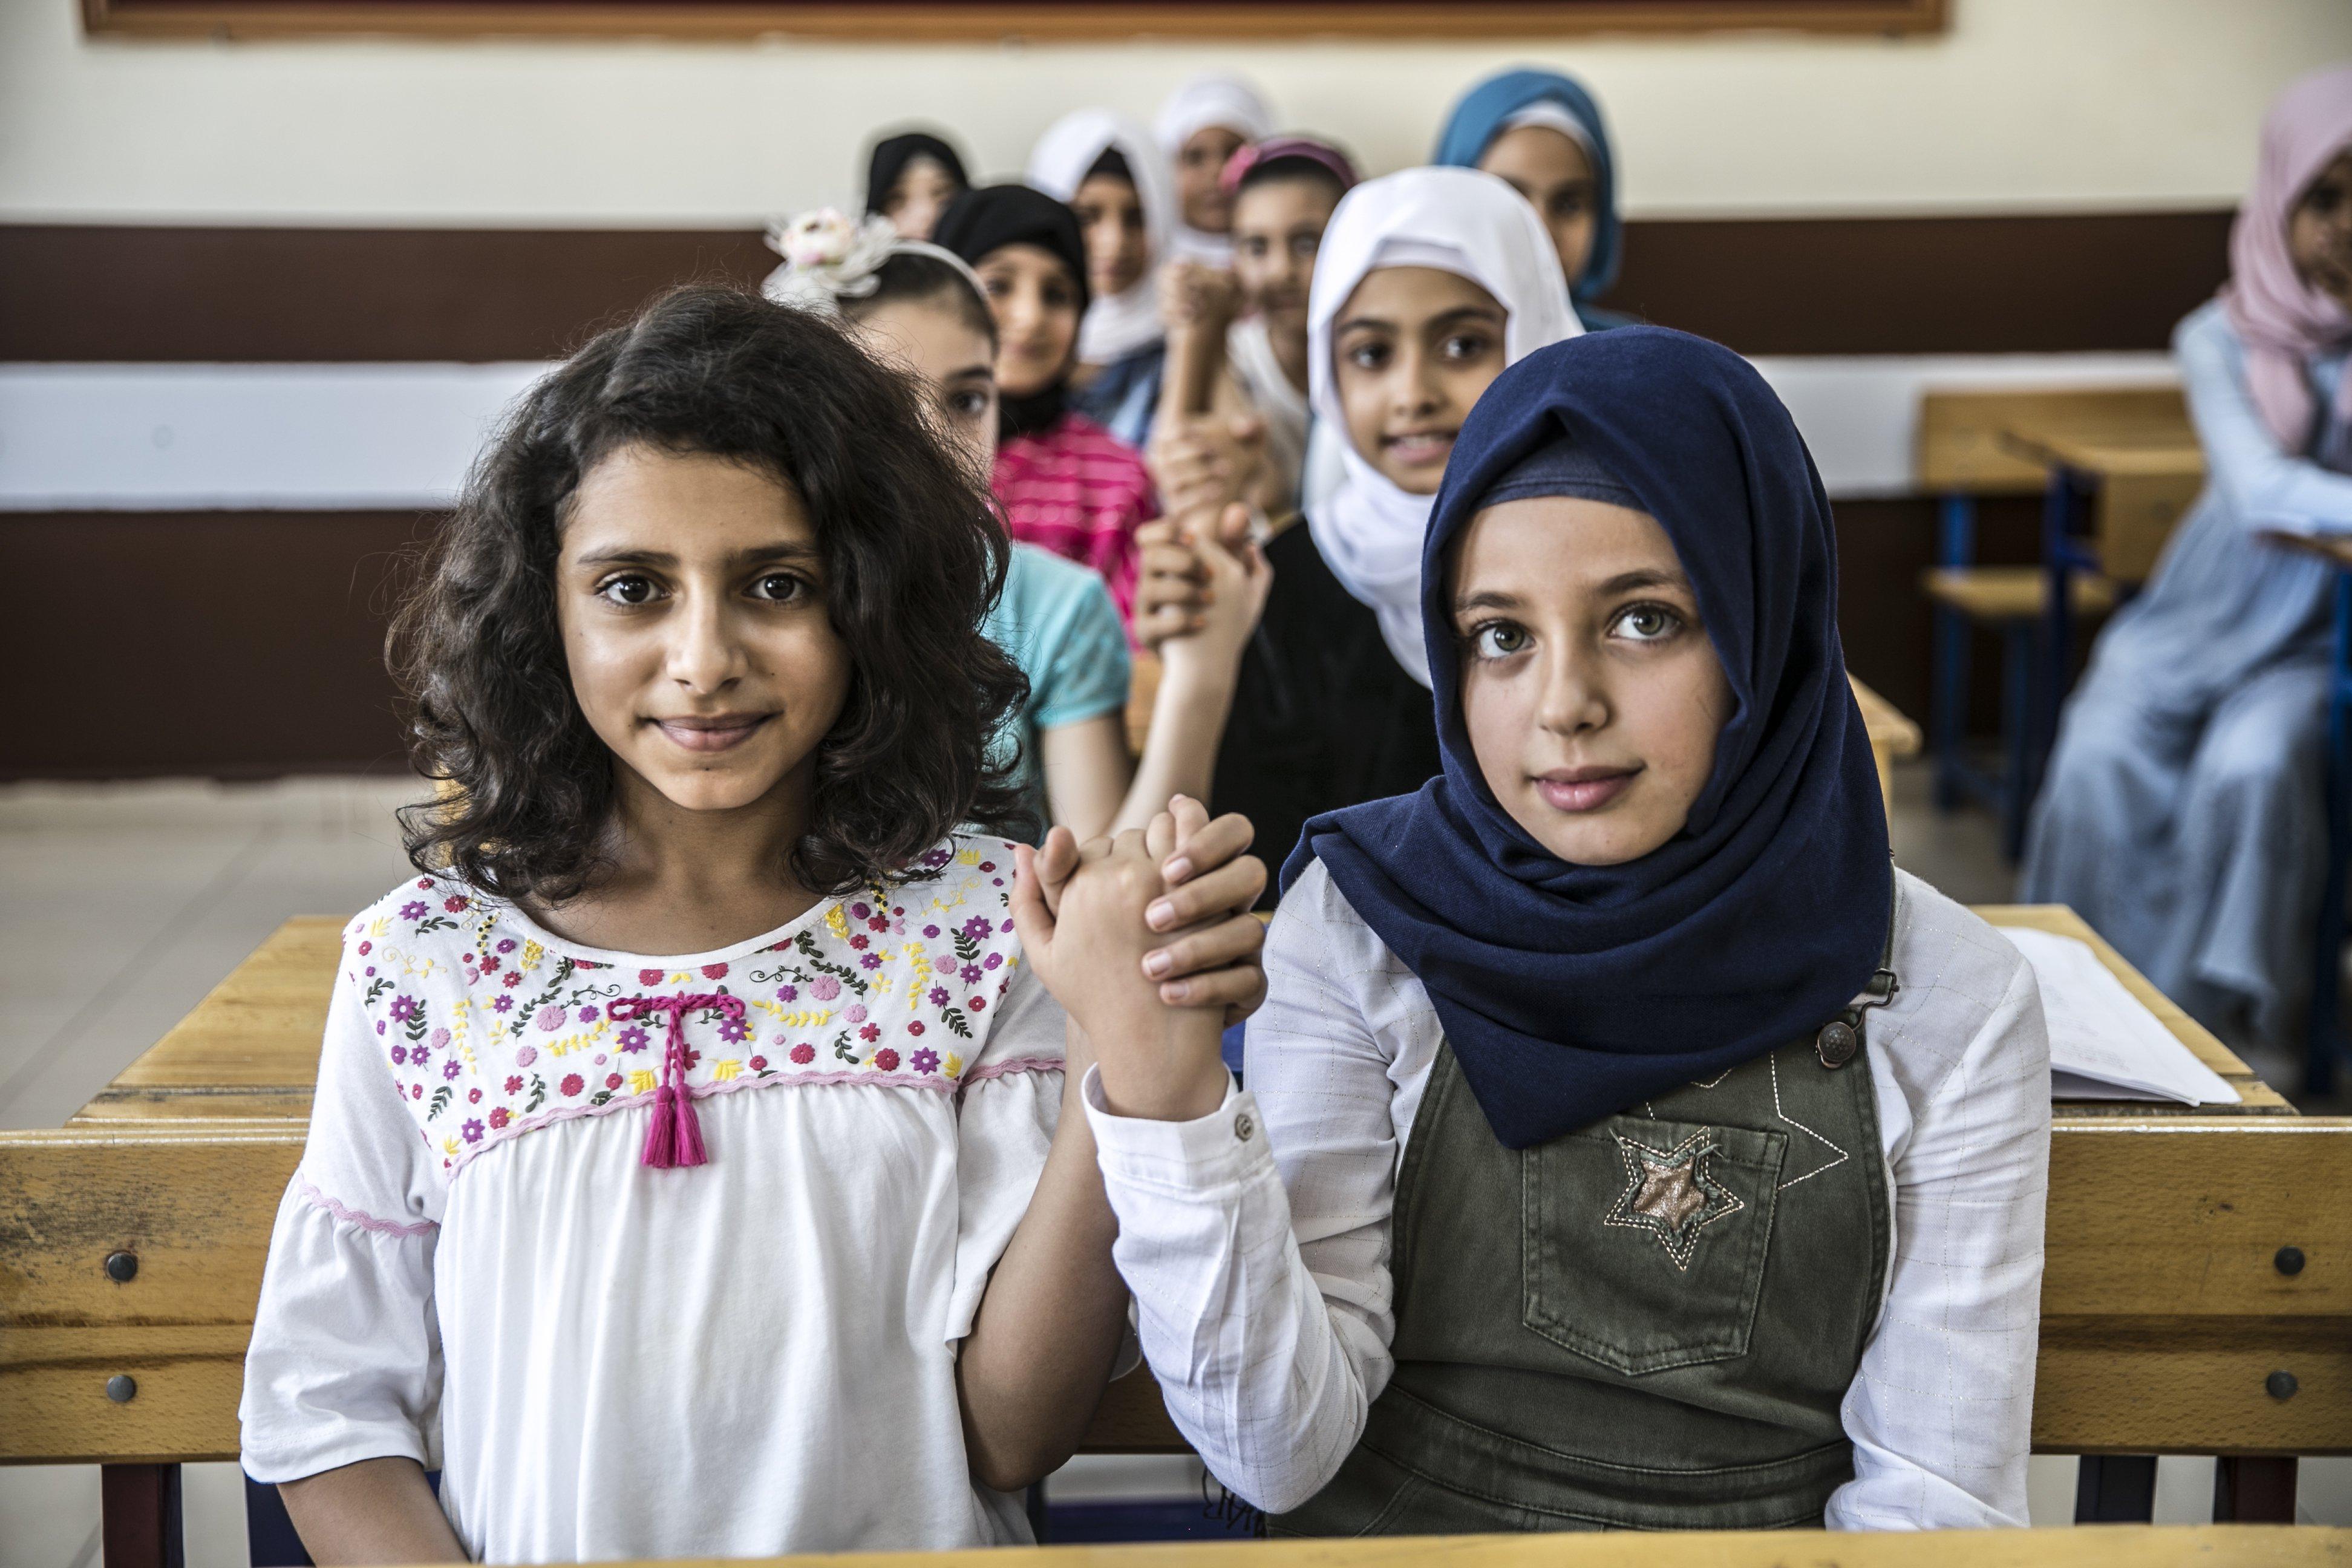 تركيا تواصل إجراءات دمج الأطفال السوريين في مدارسها بهذه الطرق